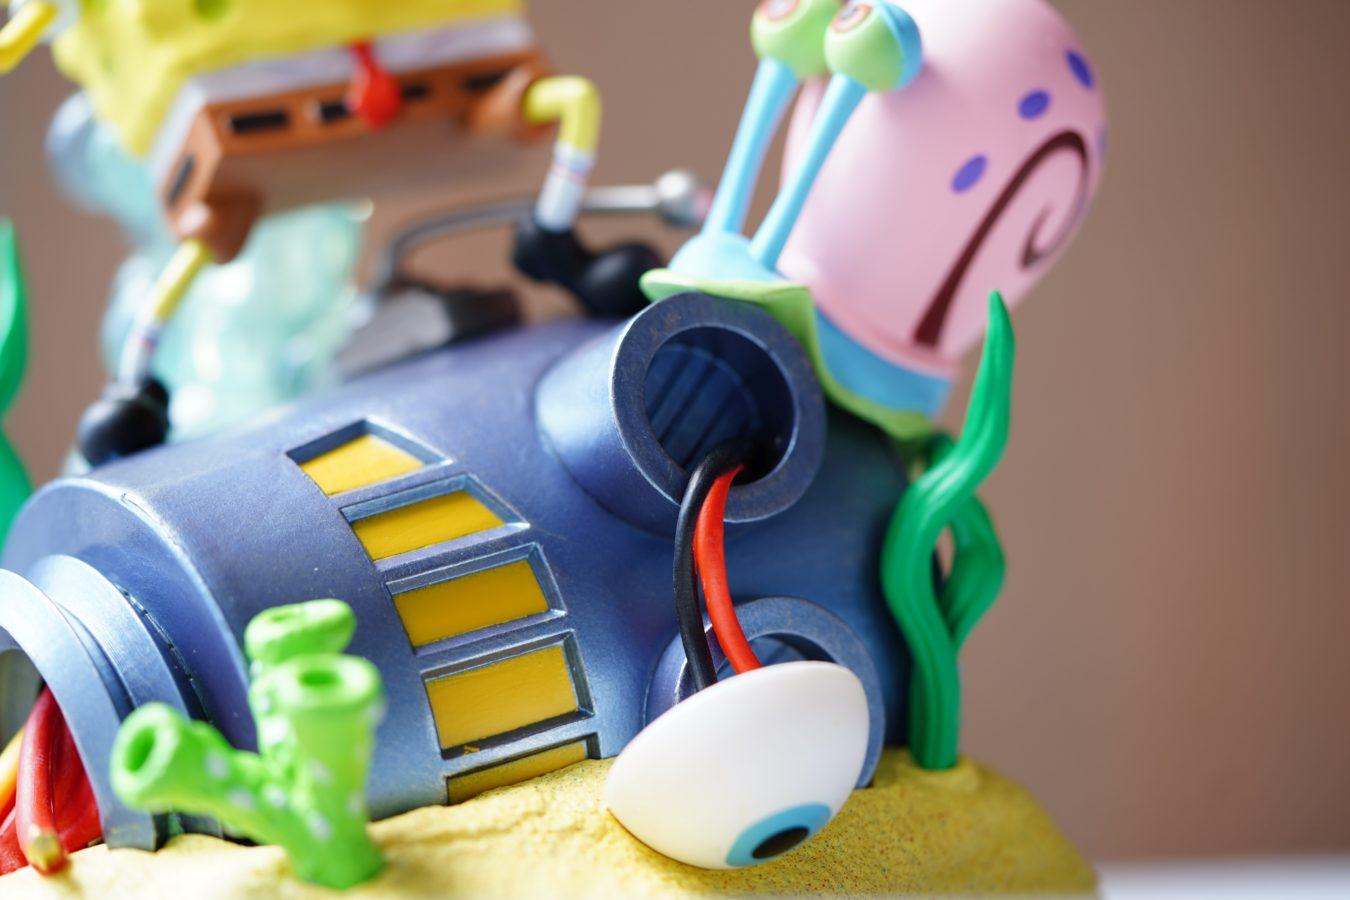 Unboxing ogromnej edycji kolekcjonerskiej SpongeBob SquarePants: Battle for Bikini Bottom Rehydrated F.U.N. Edition 73